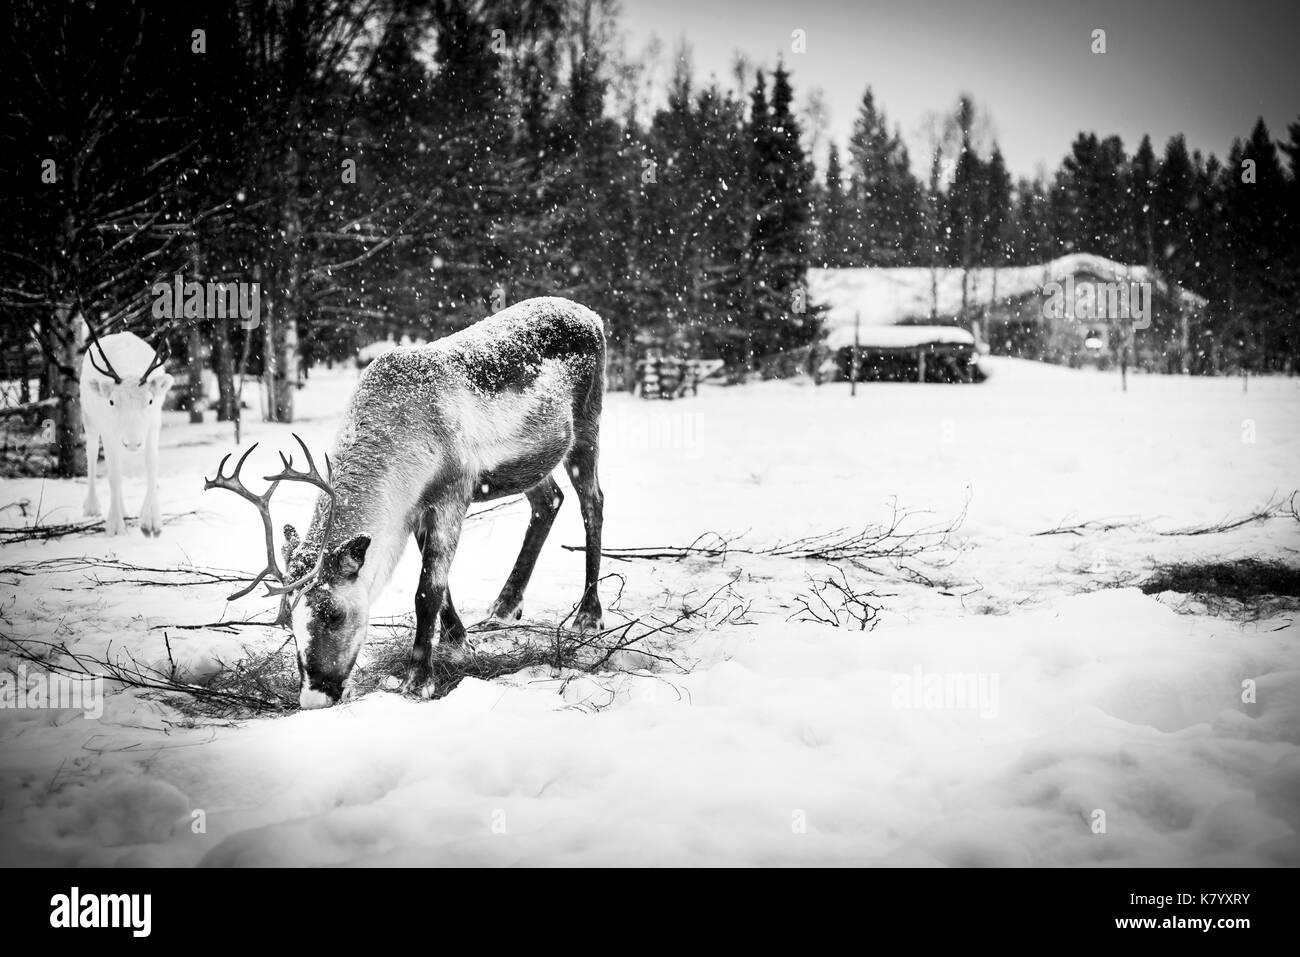 L'alimentation des rennes dans la neige, Laponie, Finlande Photo Stock